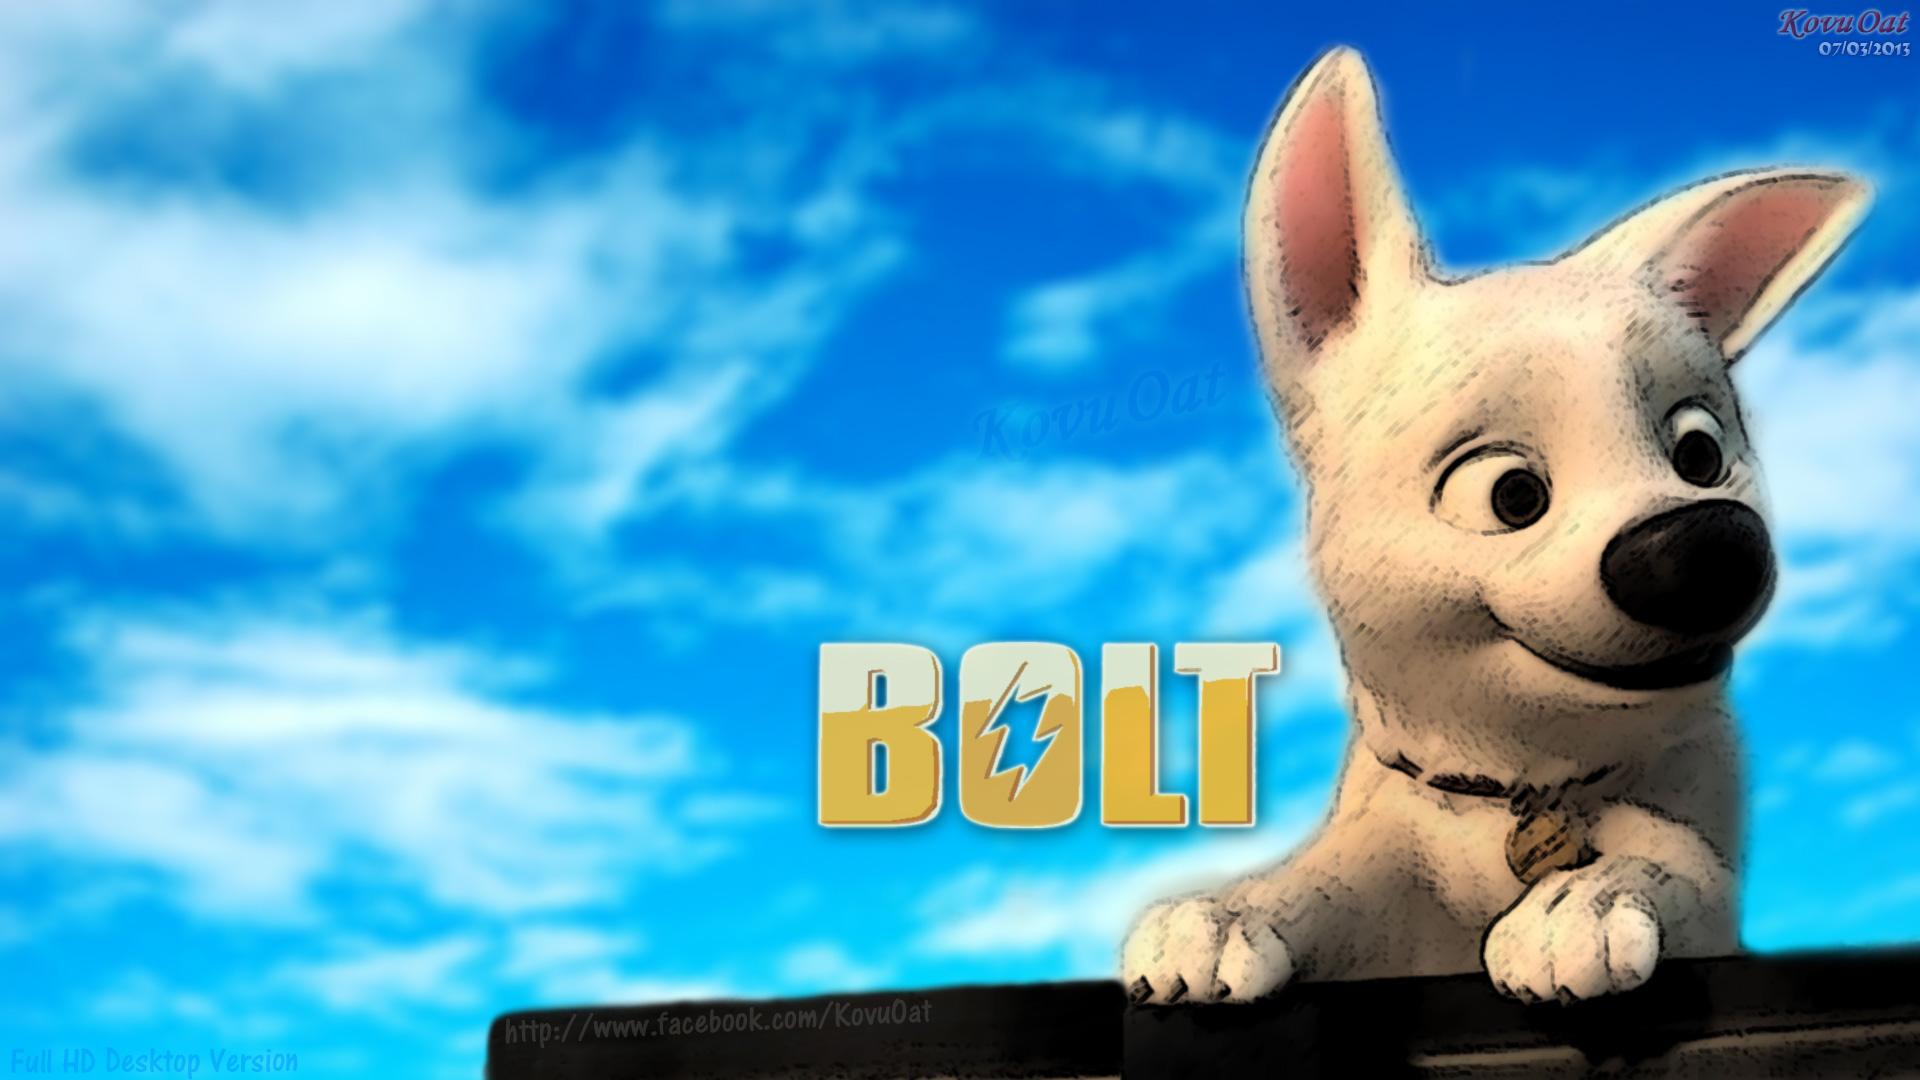 Disney Bolt Desktop Wallaper HD   Disneys Bolt Wallpaper 33839681 1920x1080